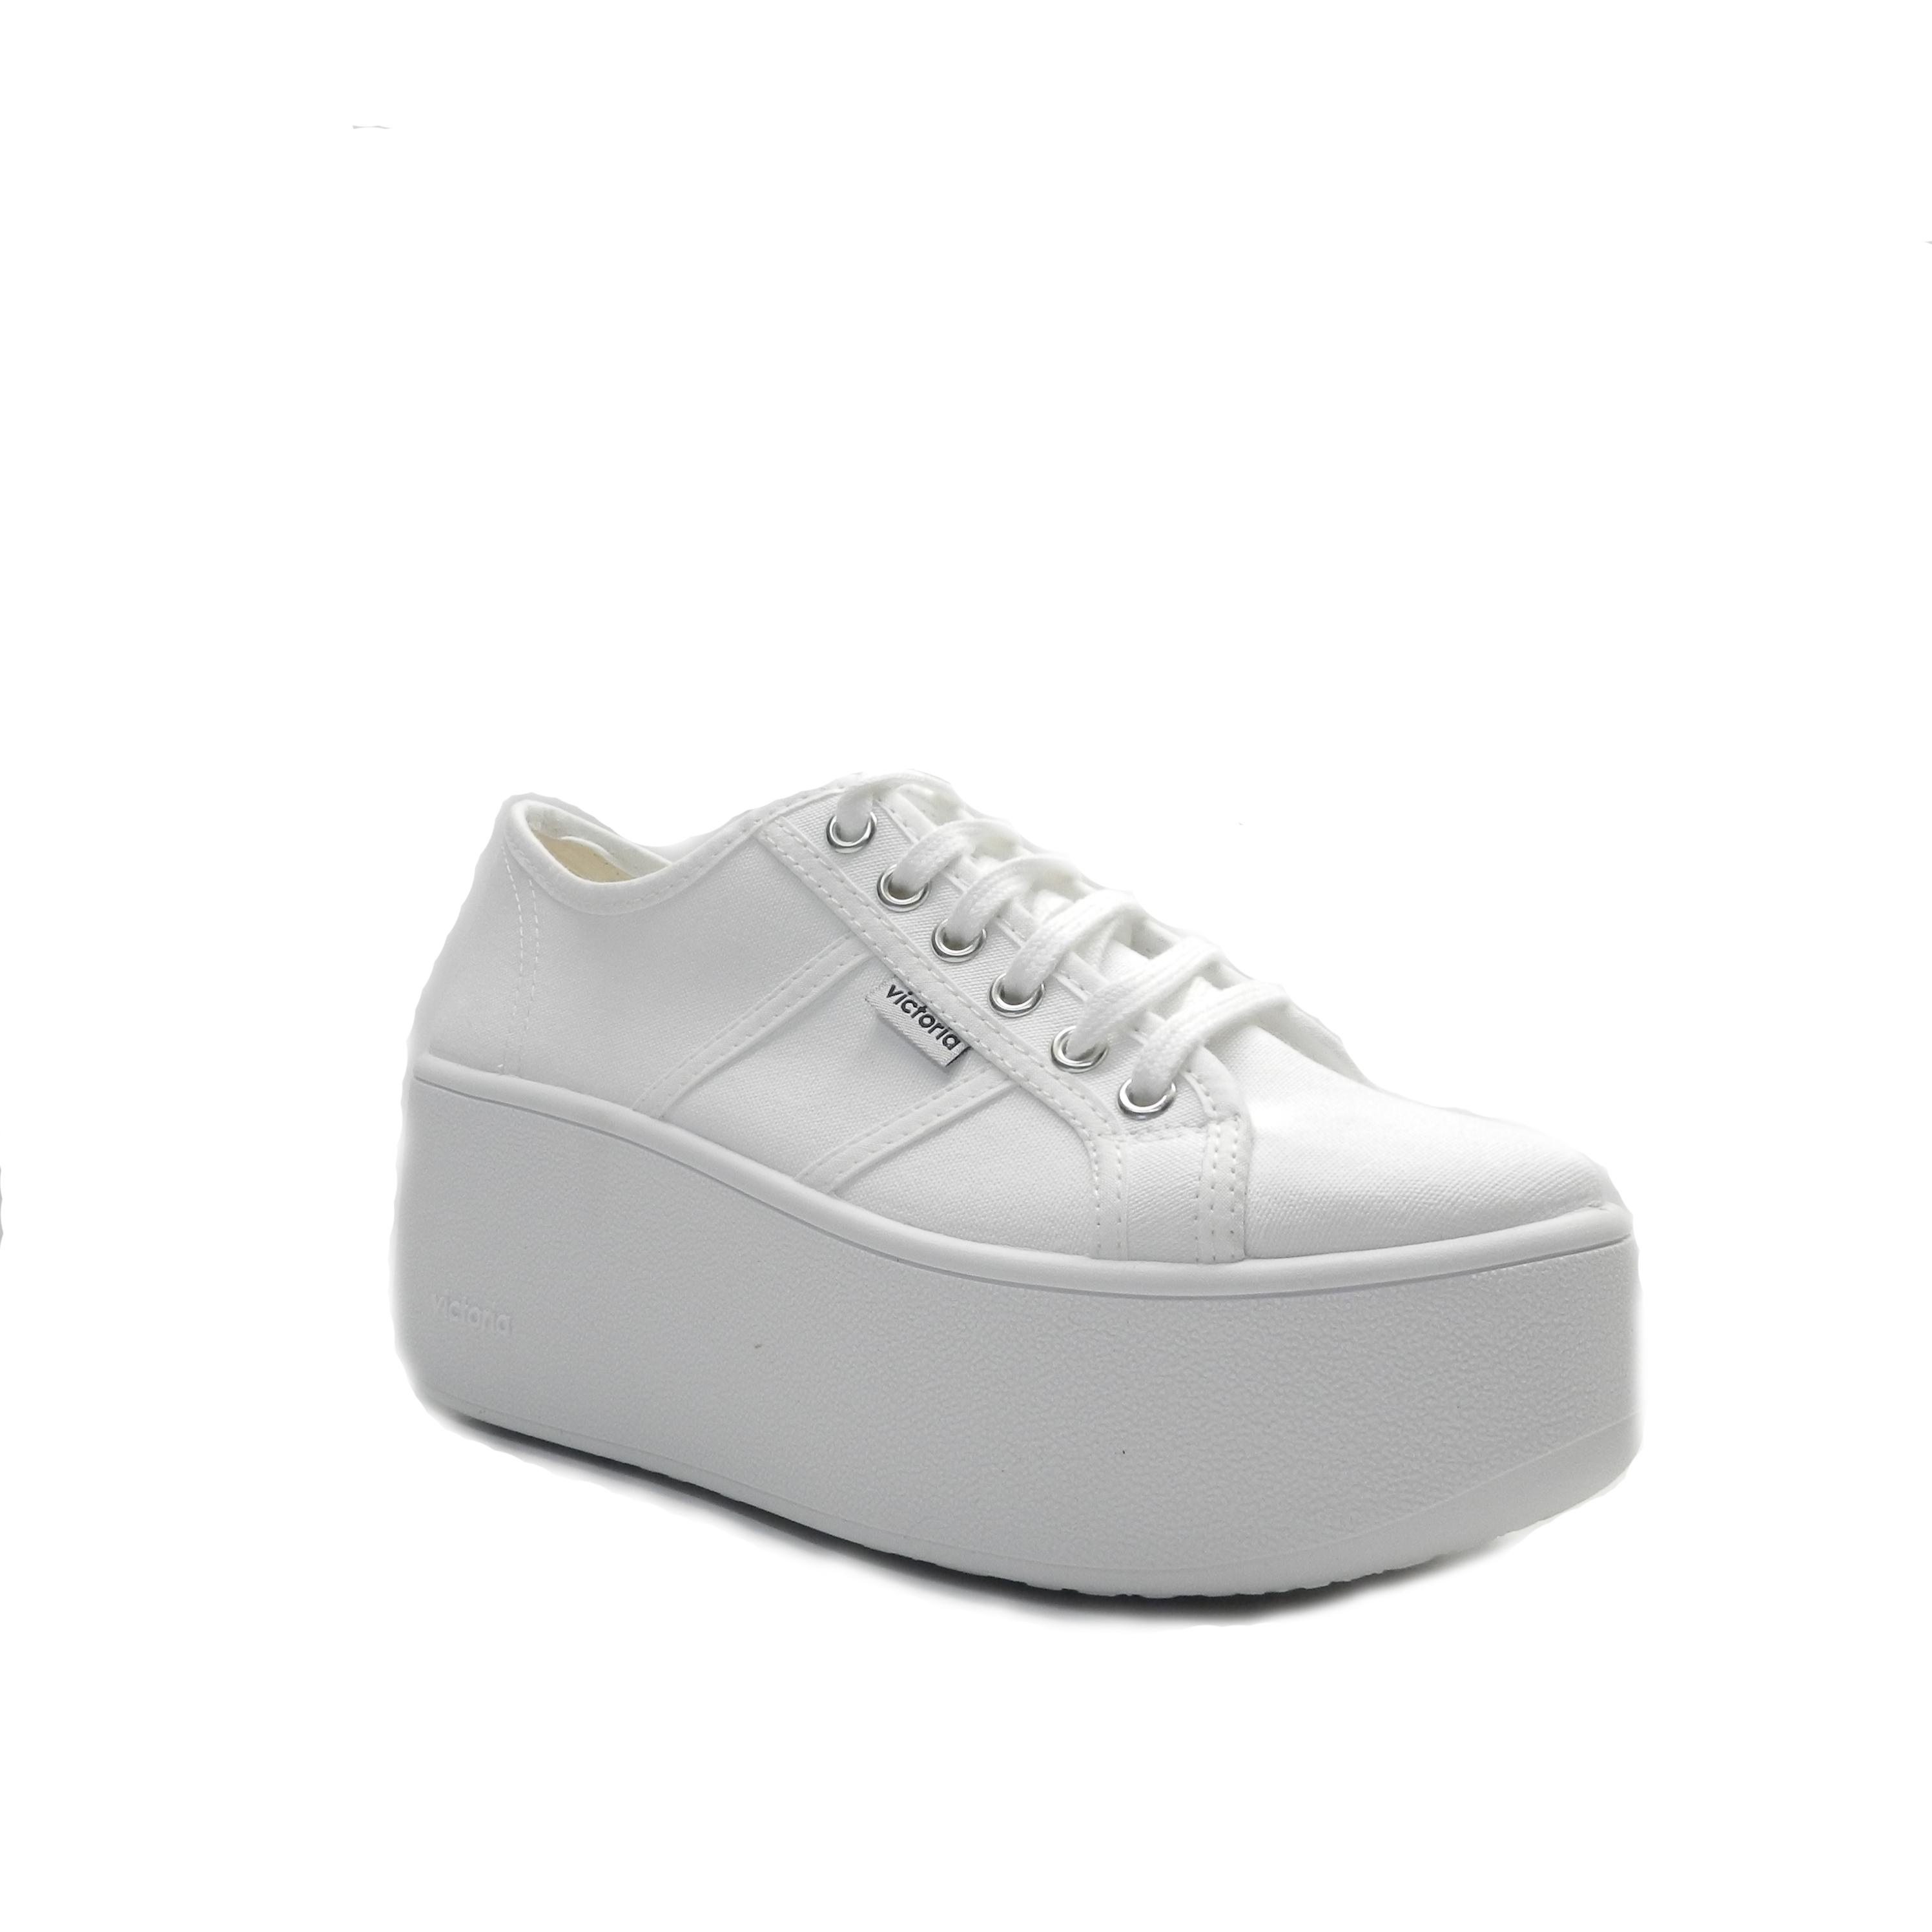 Sneakers de cordones y lona de color blanco con plataforma al tono